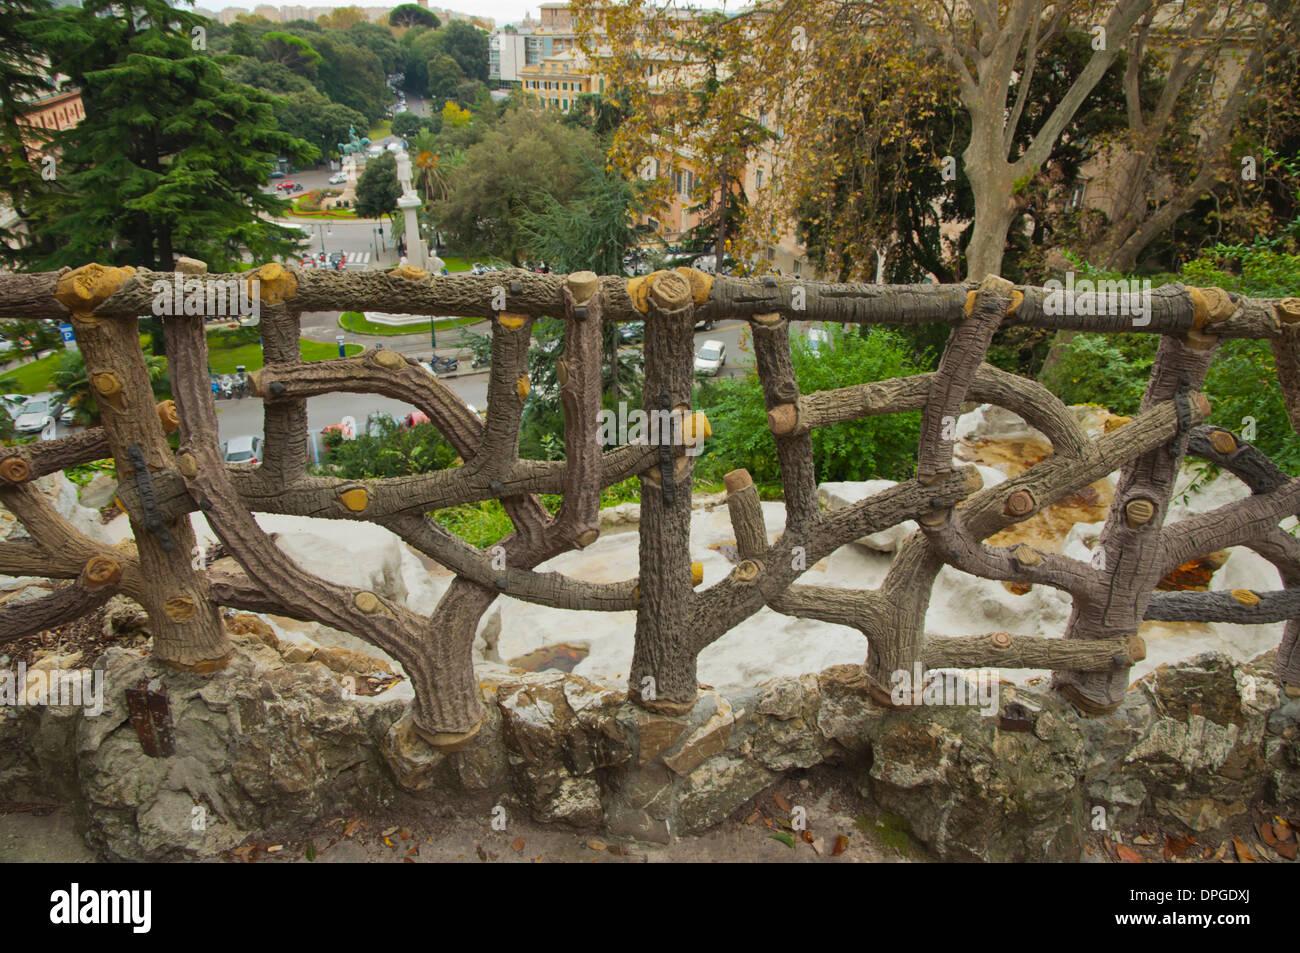 Villetta di Negro park central Genoa Liguria region Italy Europe - Stock Image